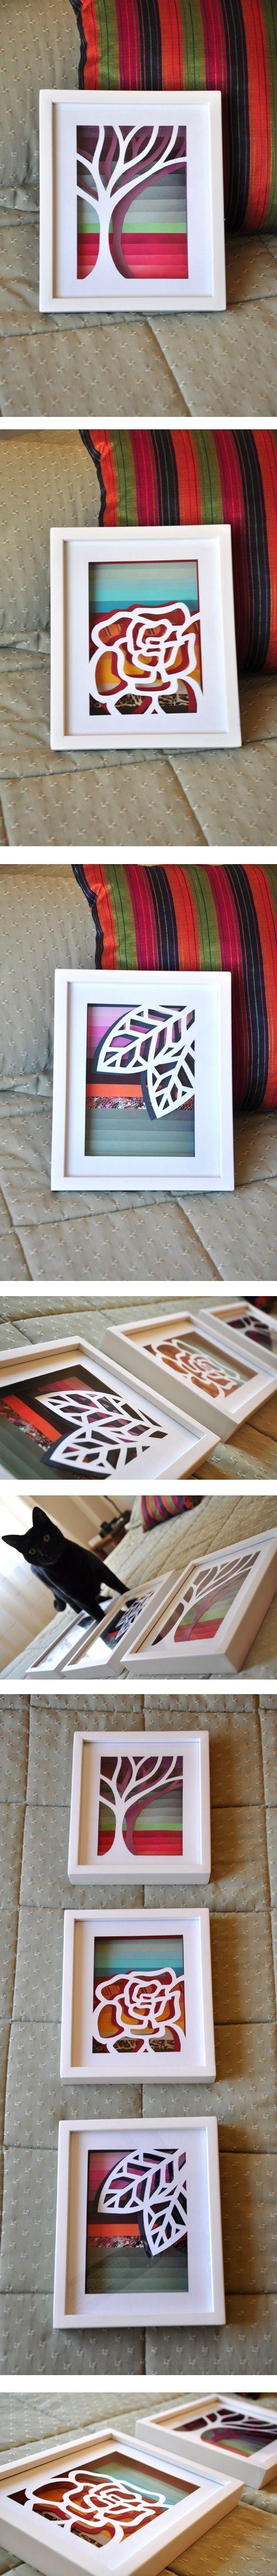 DIY - mis cuadros con revistas recicladas